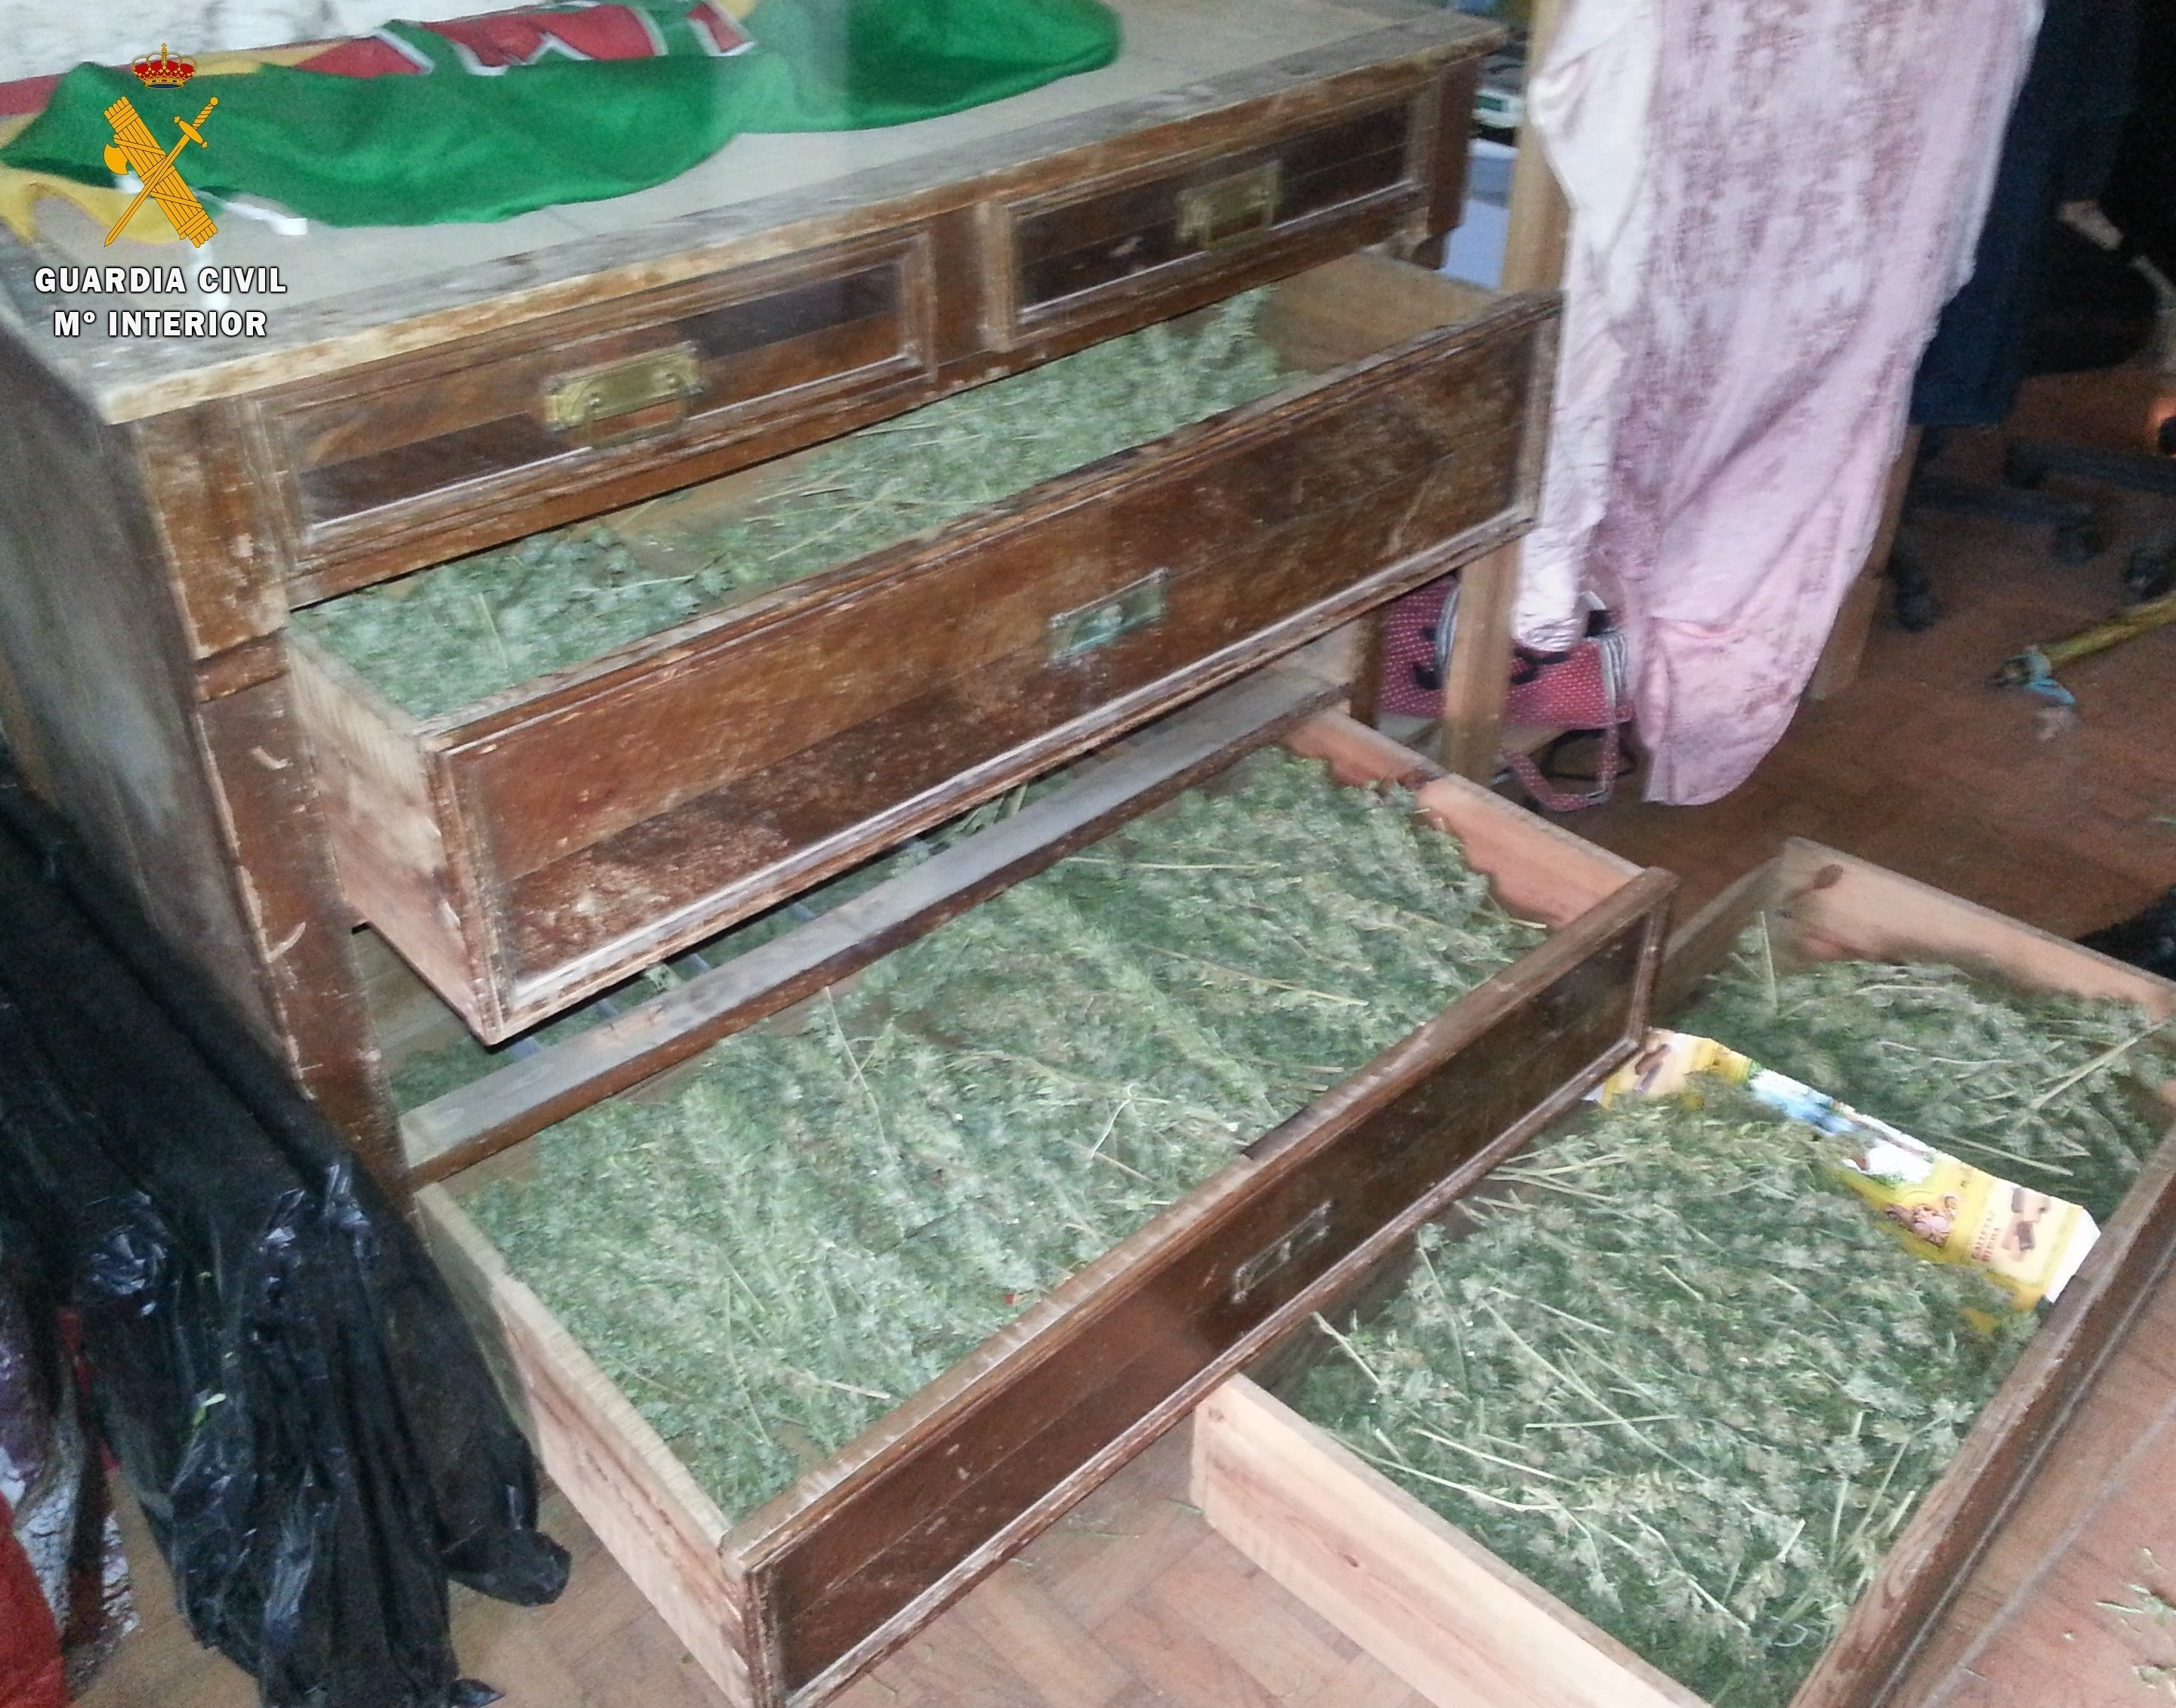 La Guardia Civil de Benabarre encuentra plantaciones de marihuana en cuatro huertos